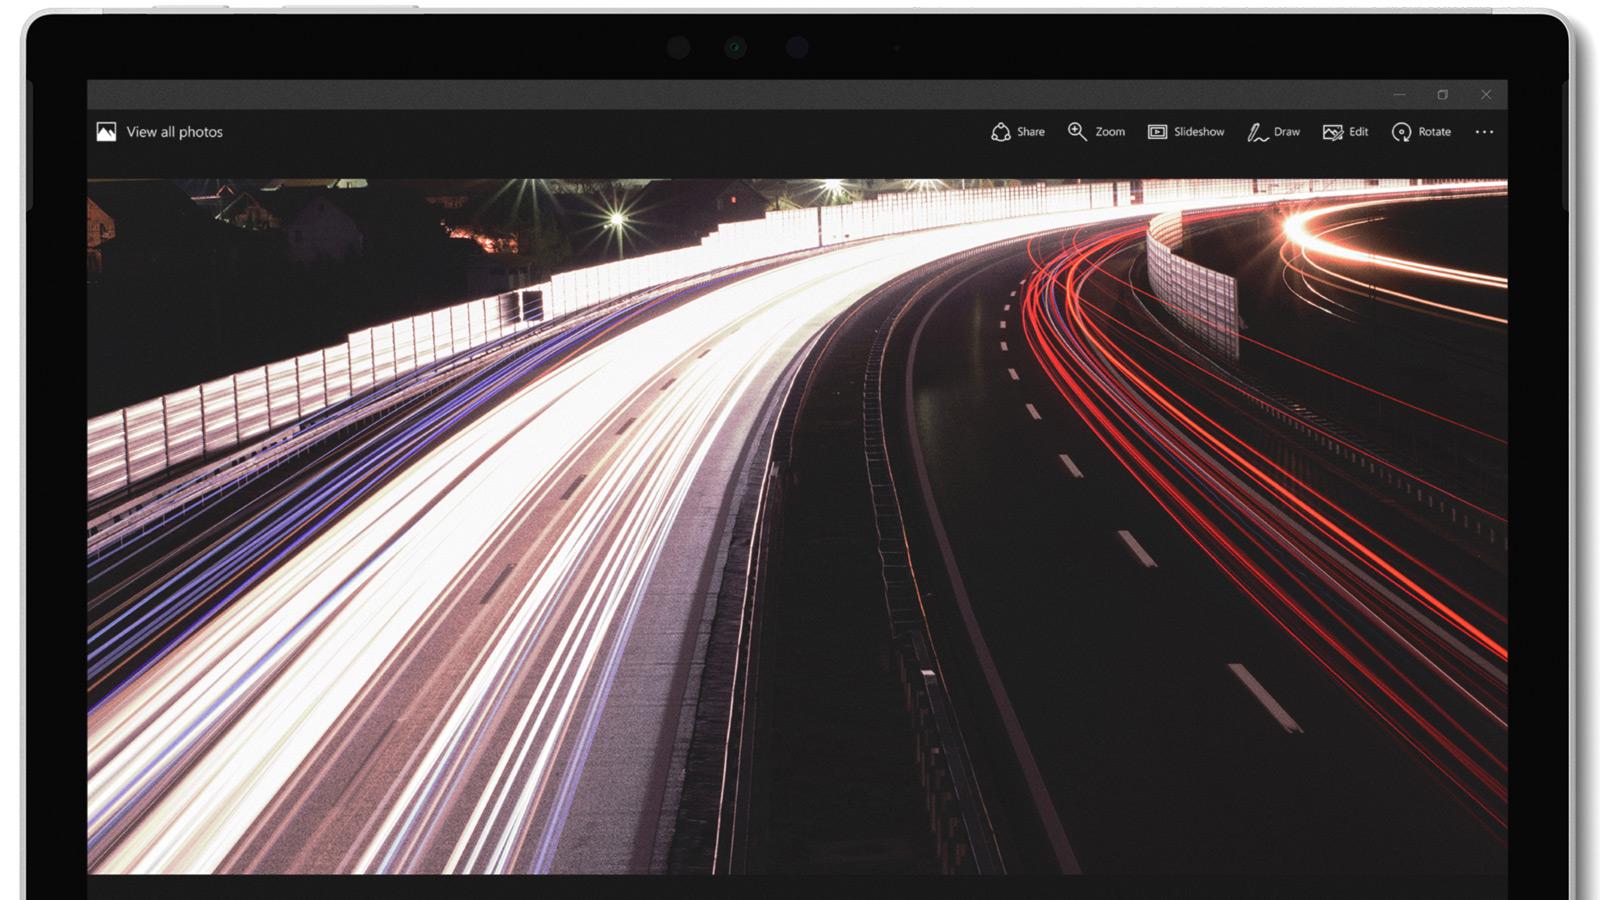 Surface Pro bietet Ihnen ein 12,3-Zoll-PixelSense™-Display und überzeugt mit leuchtenden Farben und extrem hoher Auflösung